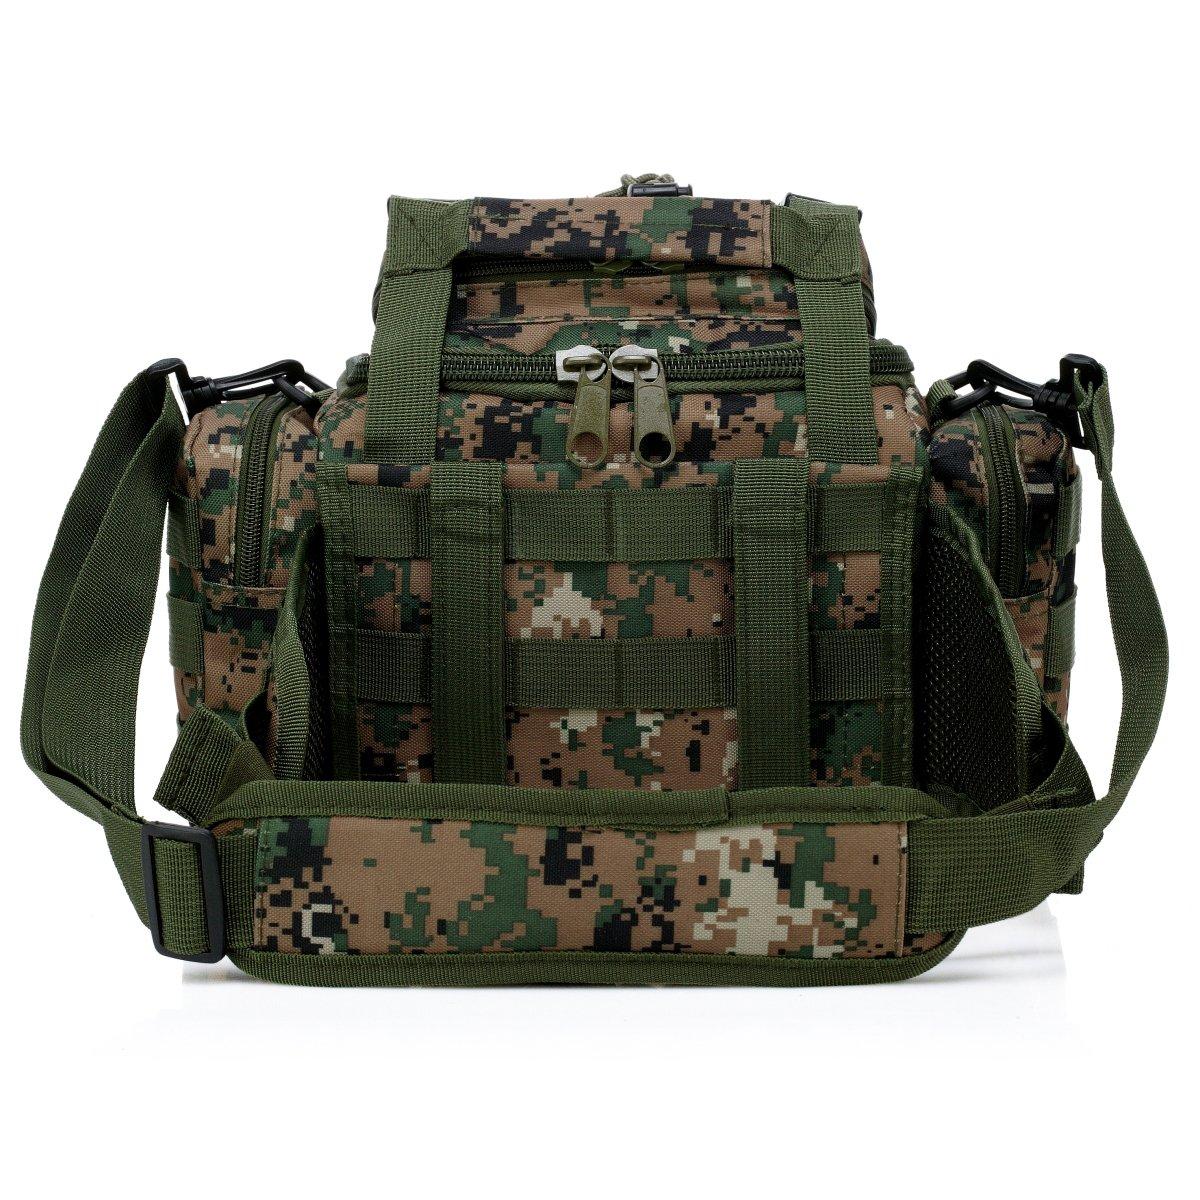 Sac ceinture camping bandoulière G4free paquet pour Sac militaire W0TCxcn7R